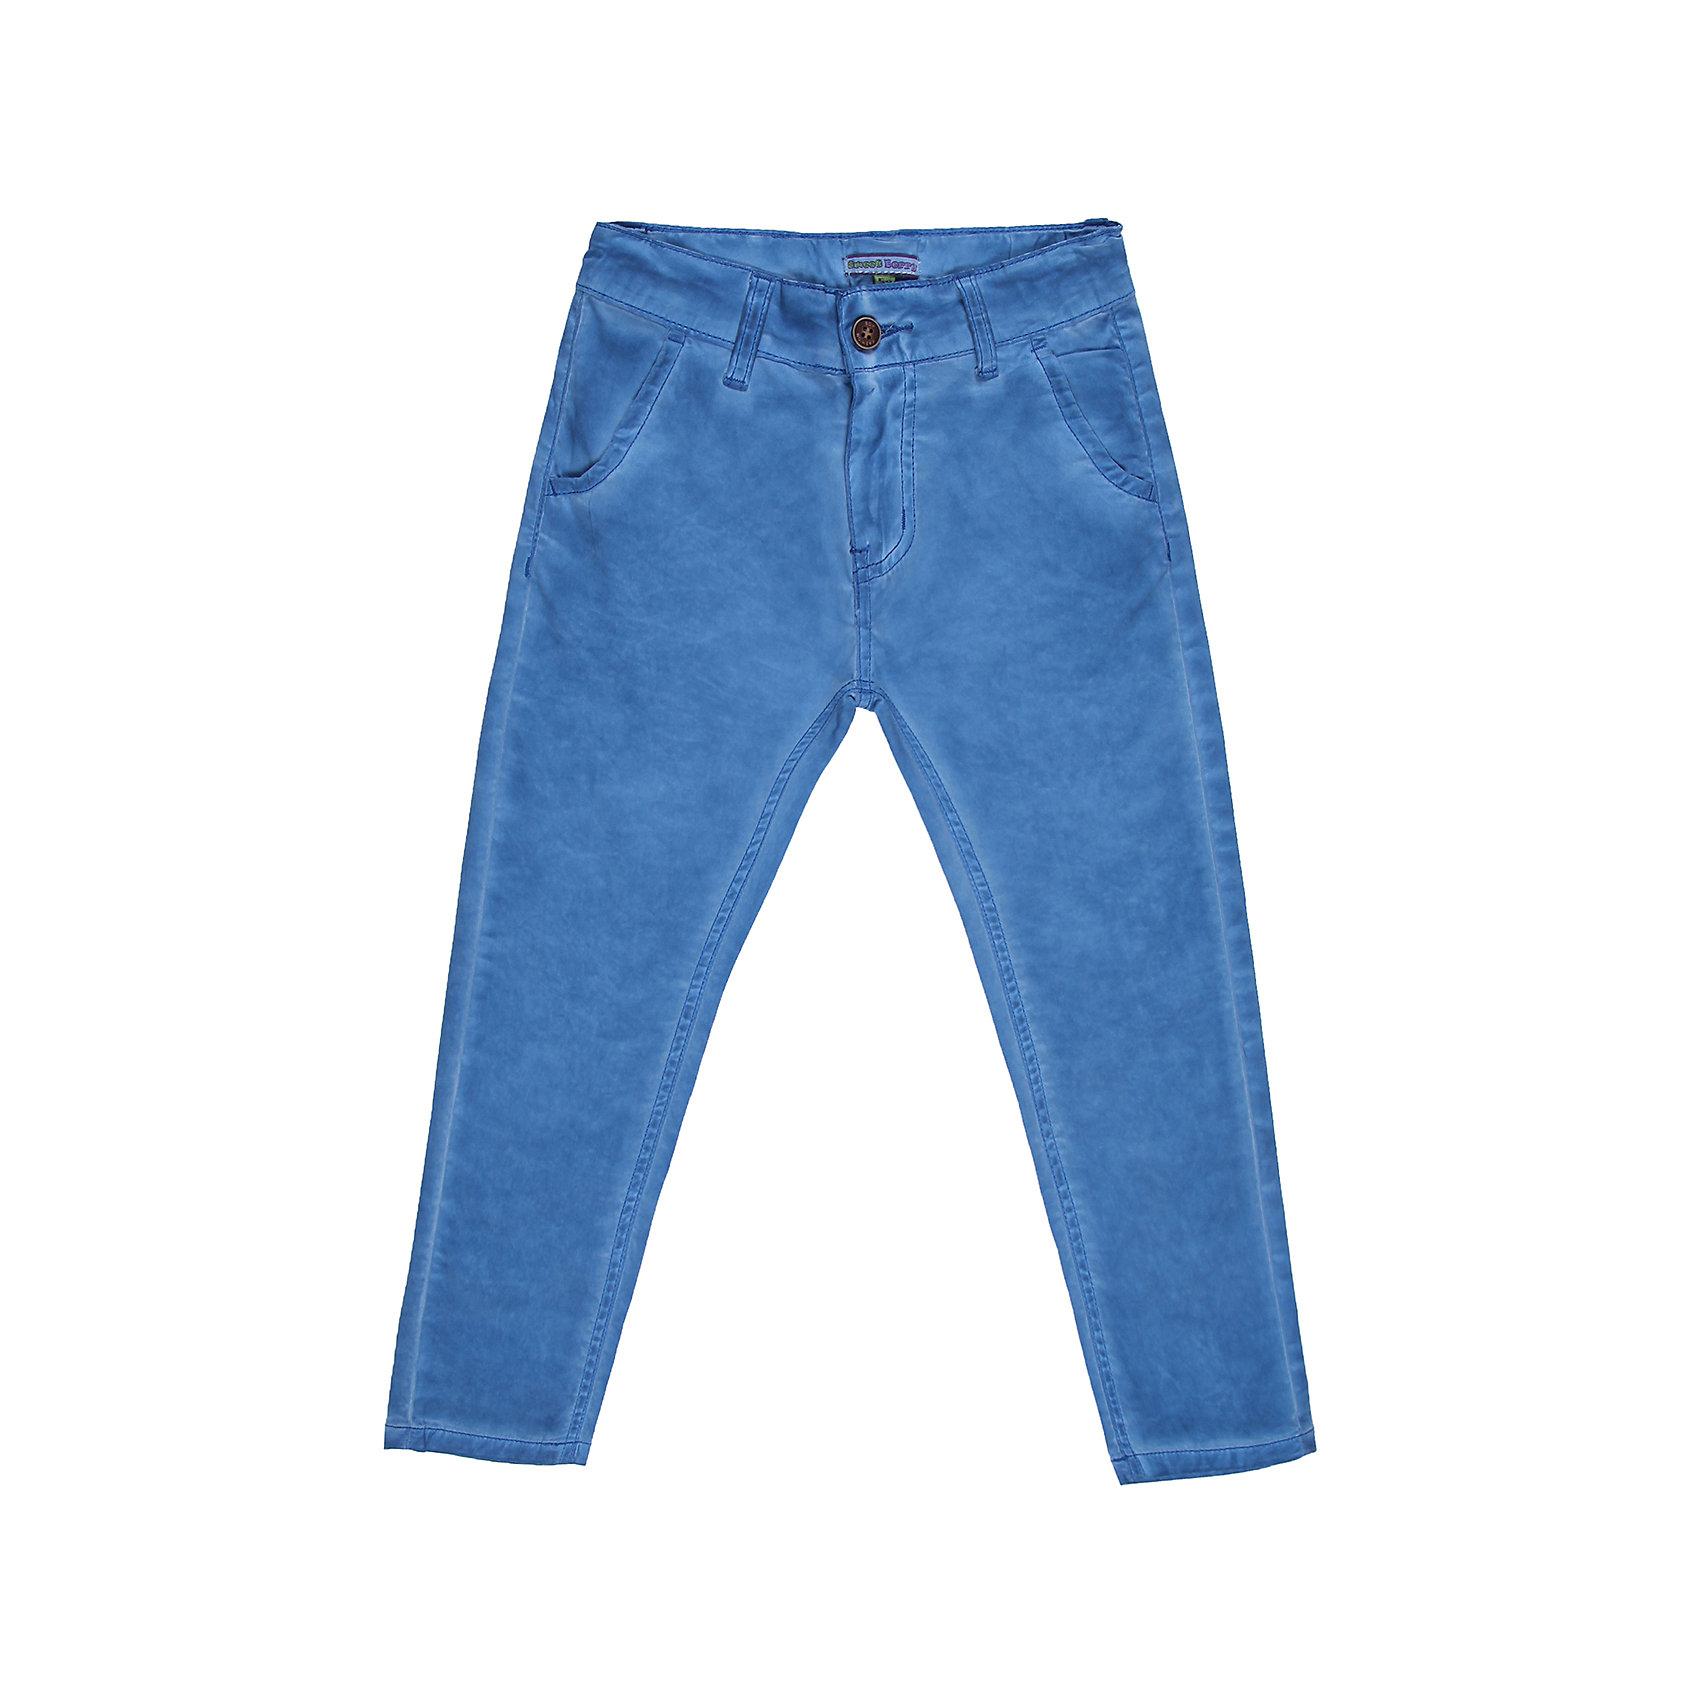 Брюки для мальчика Sweet BerryБрюки<br>Хлопковые брюки на мальчика, классический крой, четыре кармана. Отличный выбор на каждый день.<br>Состав:<br>98% хлопок 2%эластан<br><br>Ширина мм: 215<br>Глубина мм: 88<br>Высота мм: 191<br>Вес г: 336<br>Цвет: синий<br>Возраст от месяцев: 72<br>Возраст до месяцев: 84<br>Пол: Мужской<br>Возраст: Детский<br>Размер: 122,110,104,98,128,116<br>SKU: 4523006